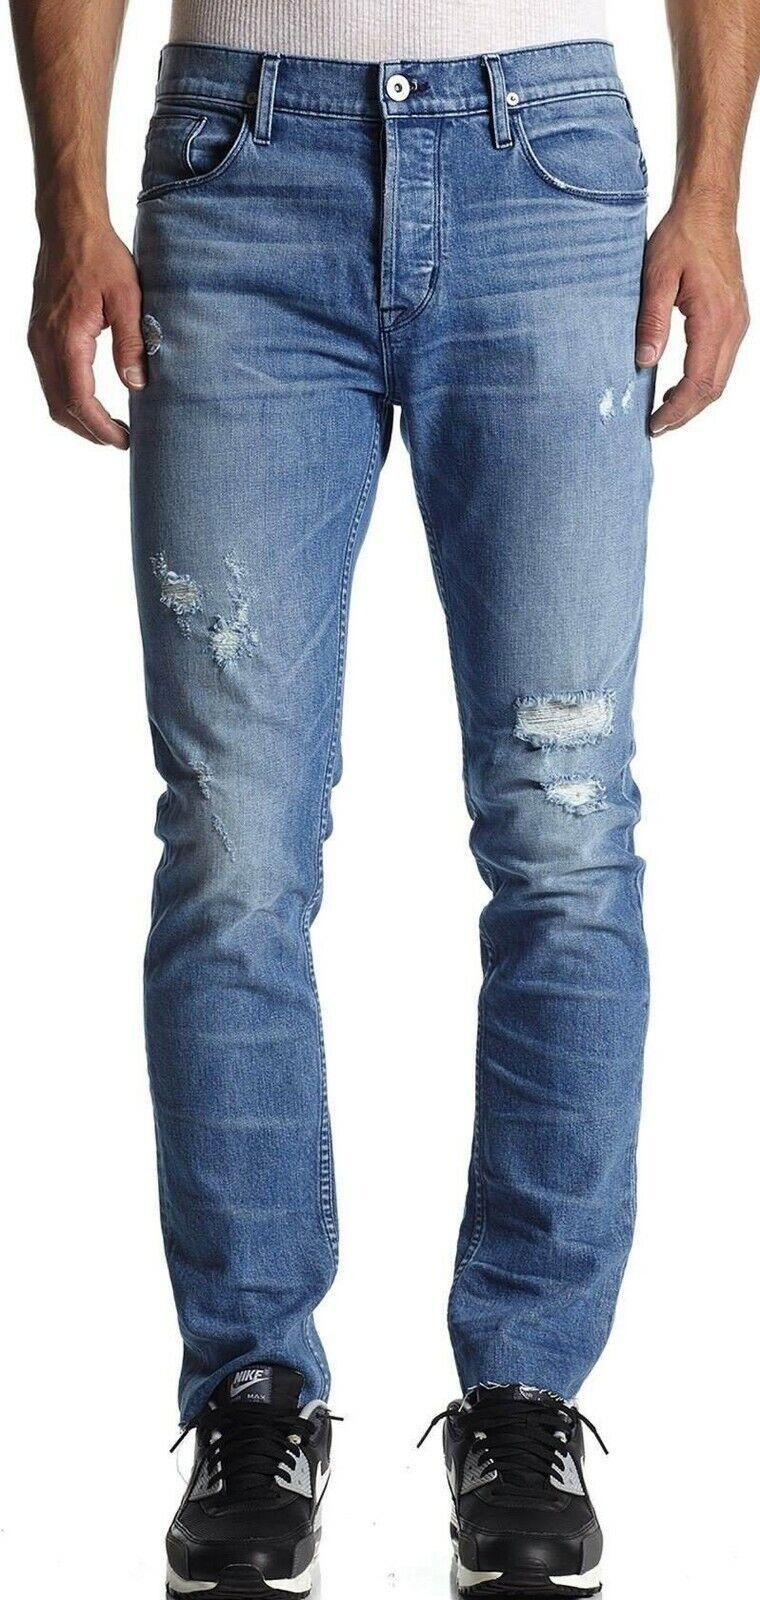 New with Tag -  Hudson Jeans Sartor Slouchy Skinny Raw Hem Jean Size 32